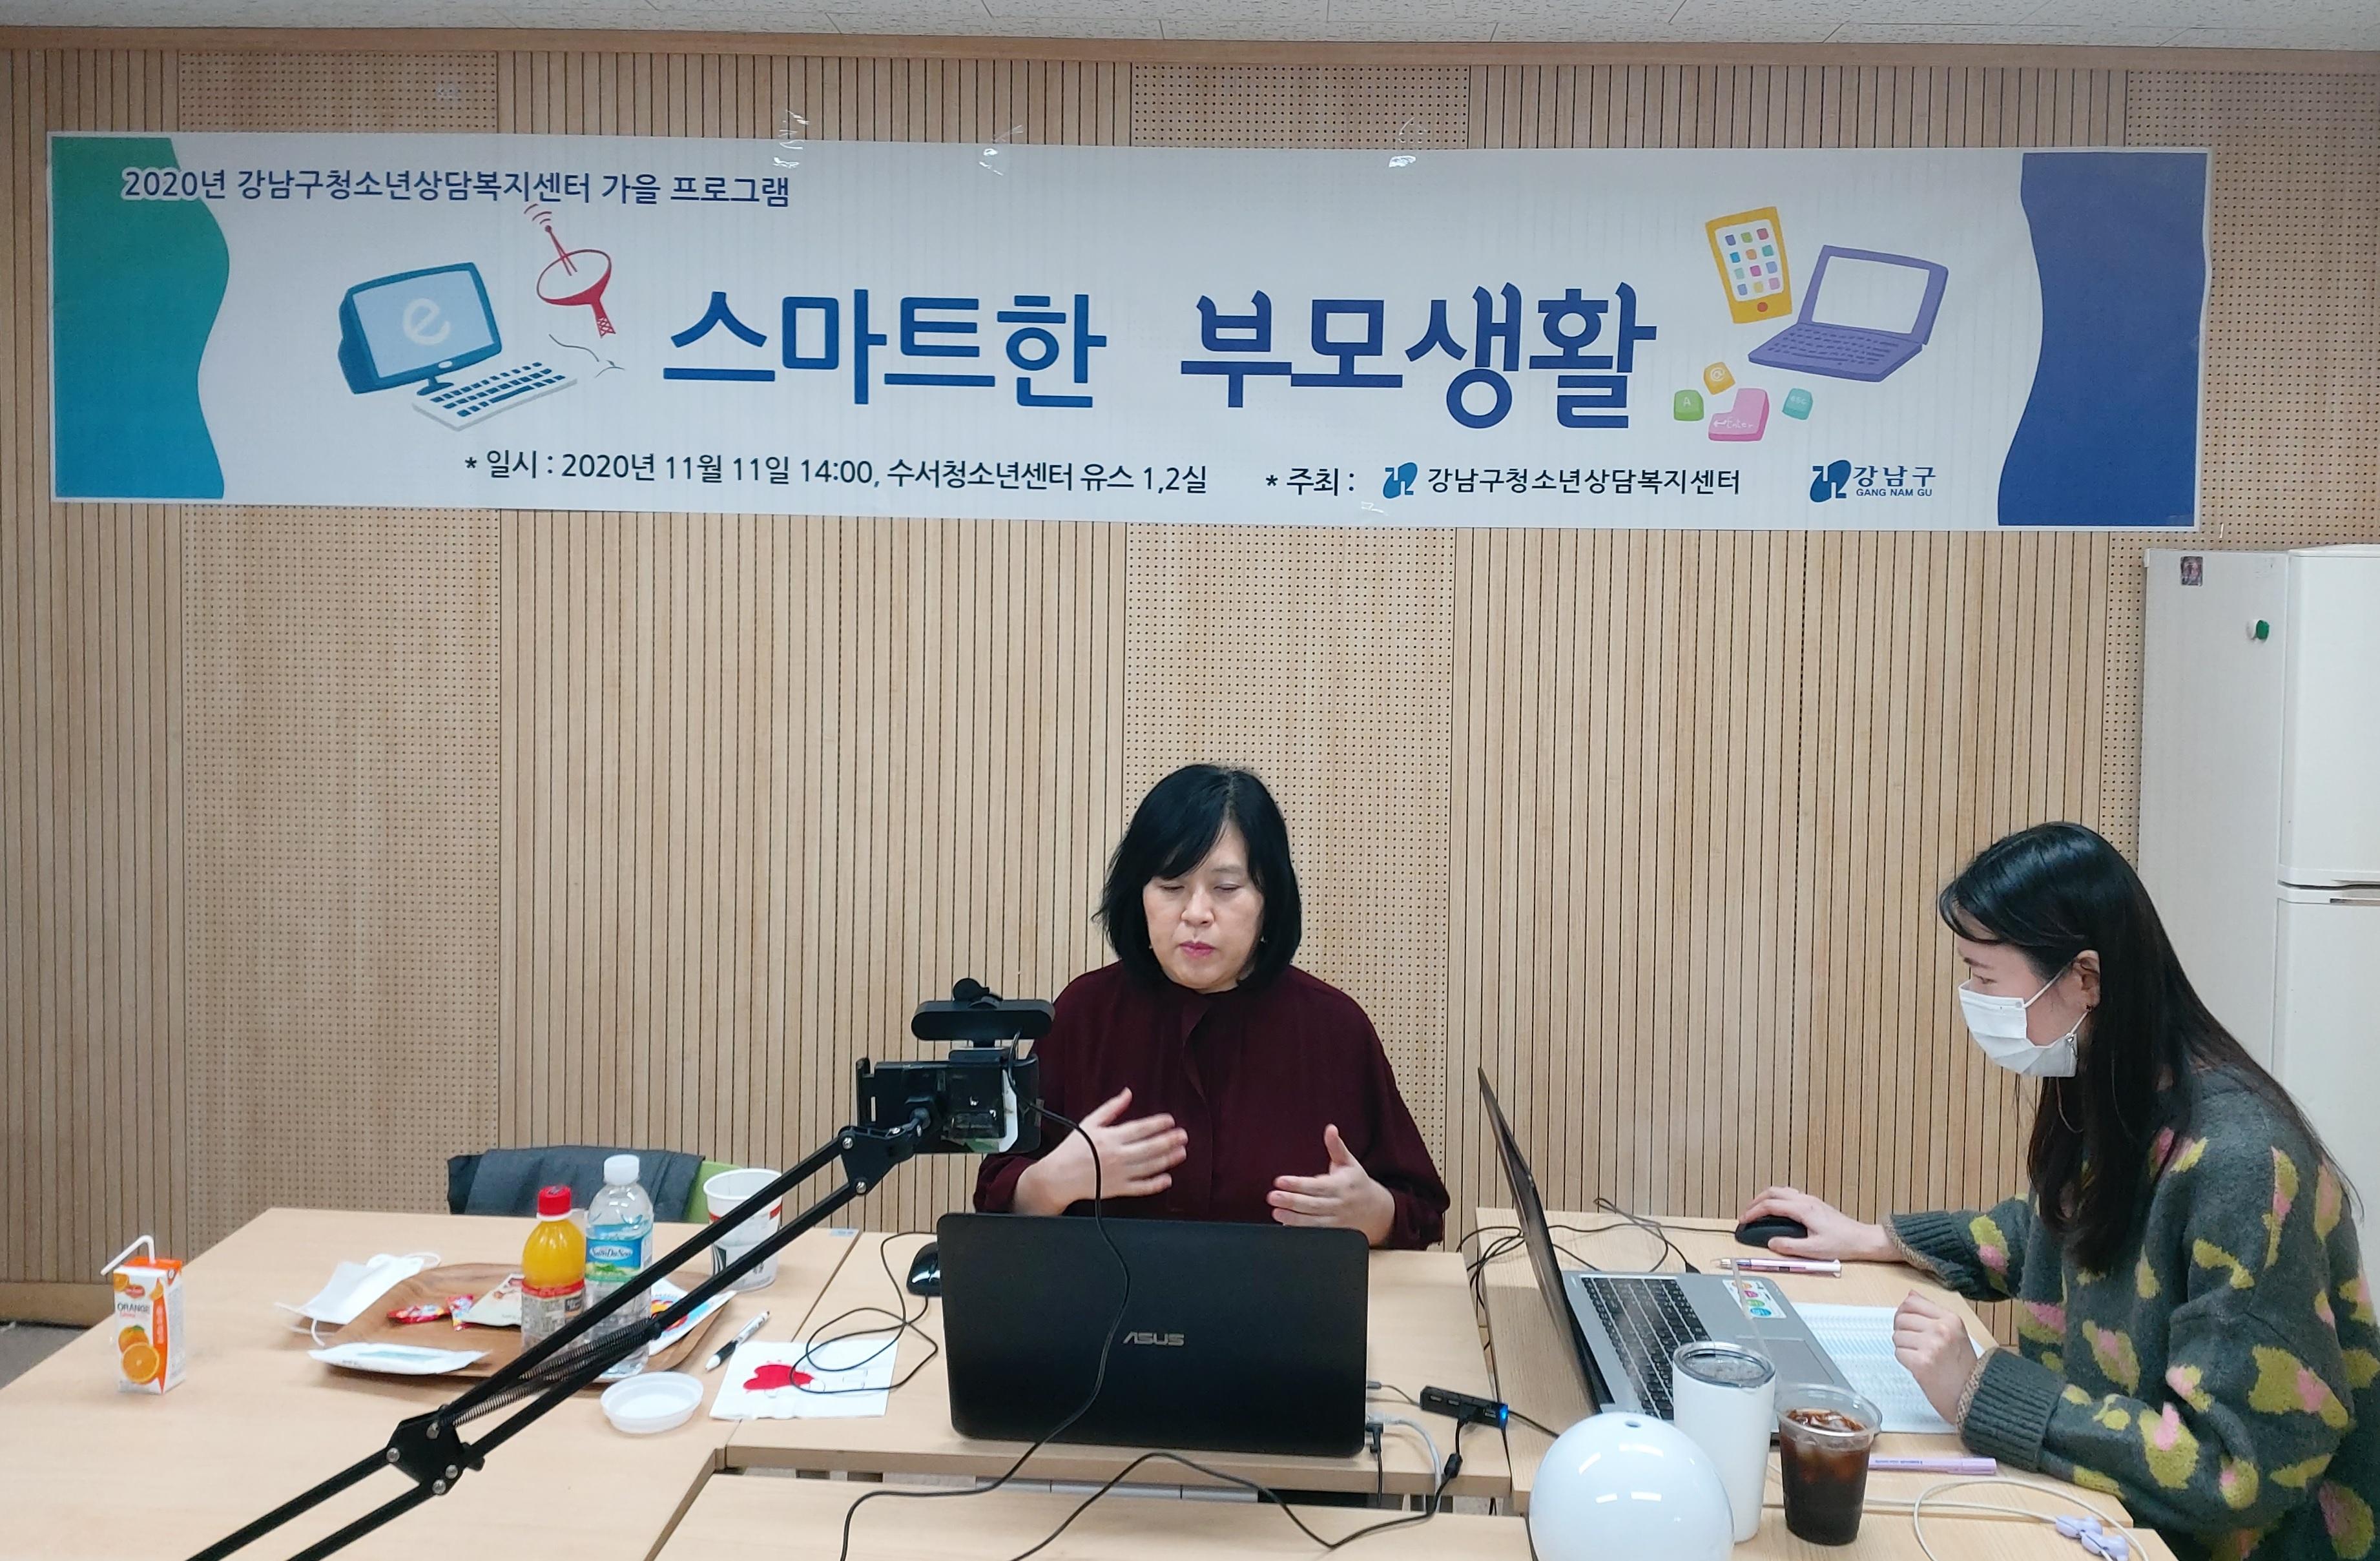 [부모교육] 강남구청소년상담복지센터 11월 비대면 부모교육 실시